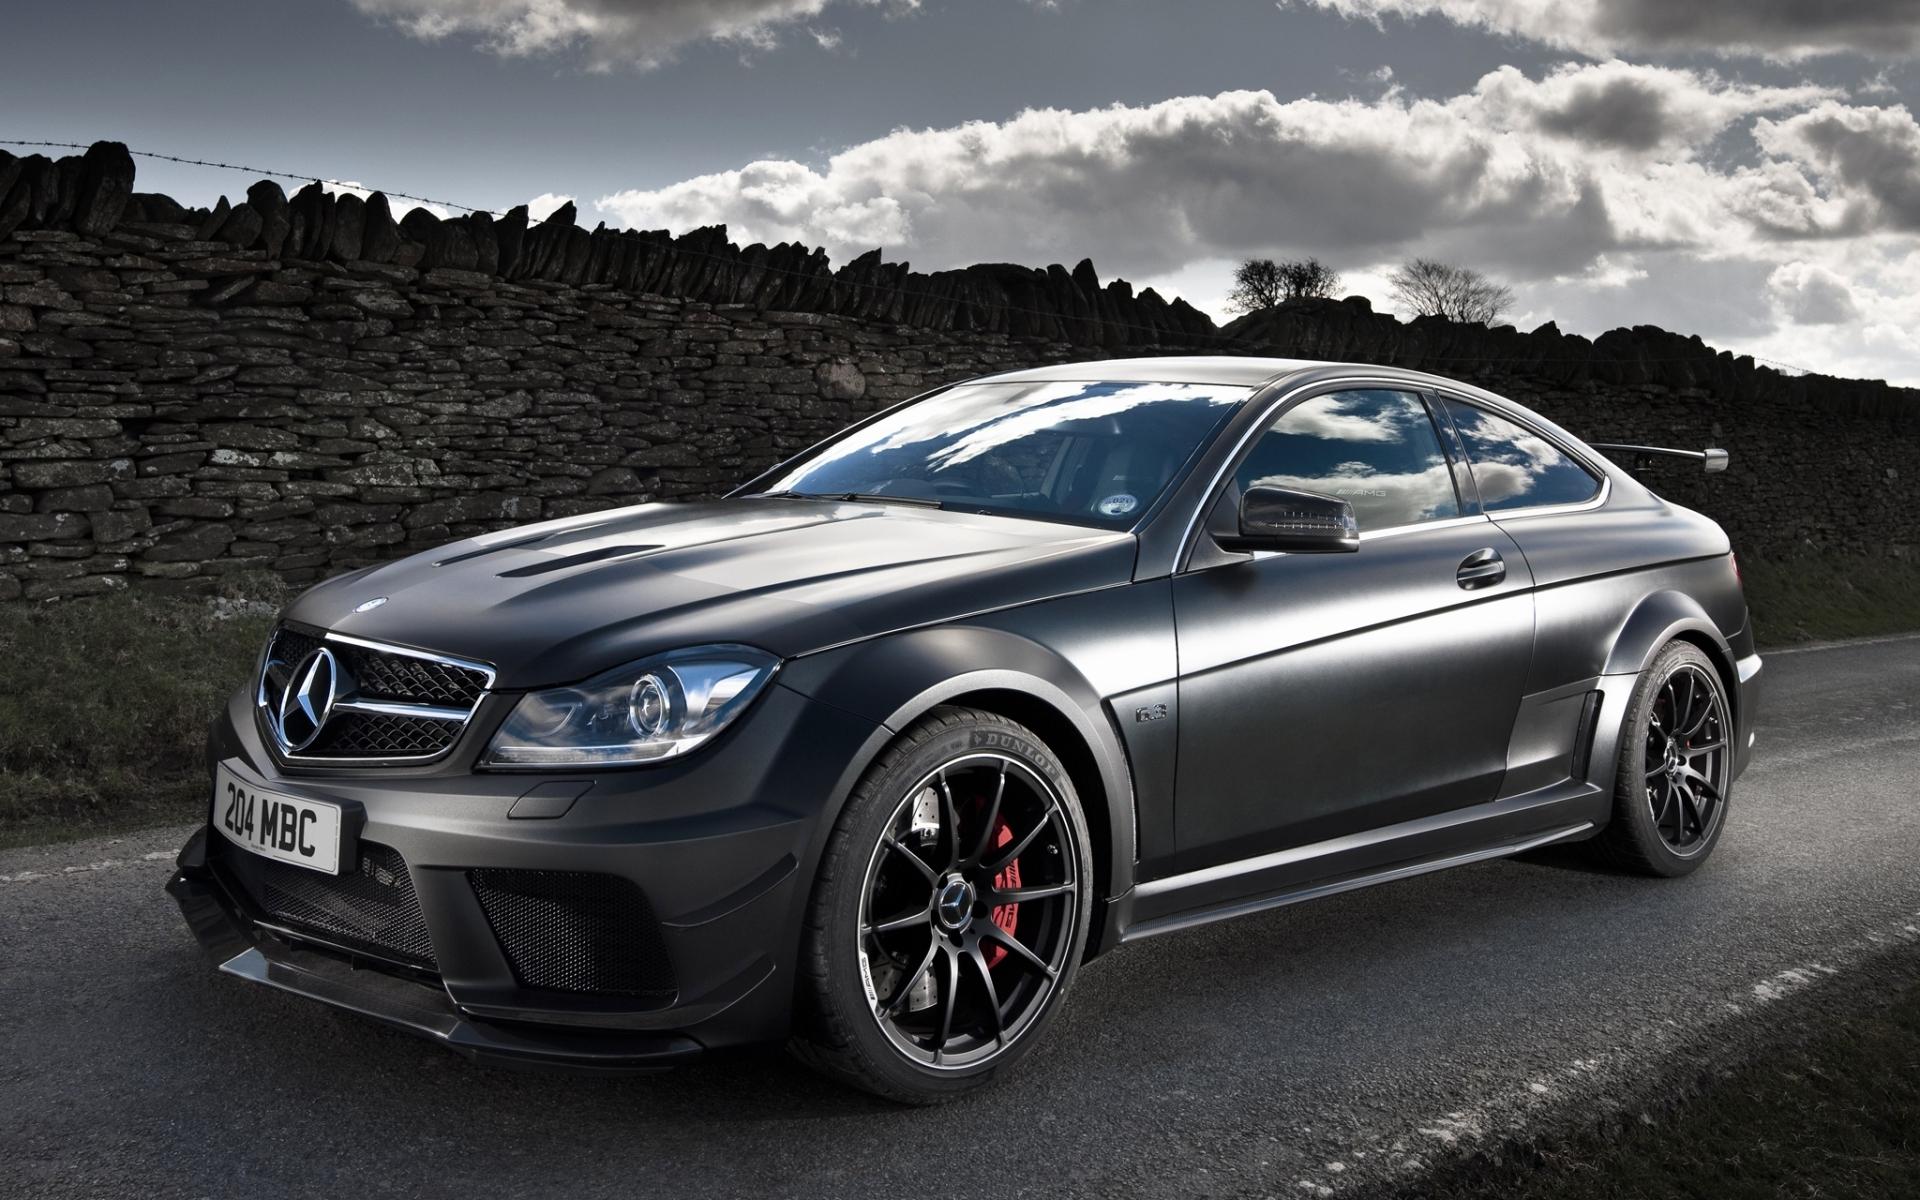 Mercedes c63 amg black series fondos de pantalla hd for Mercedes benz c63 black series